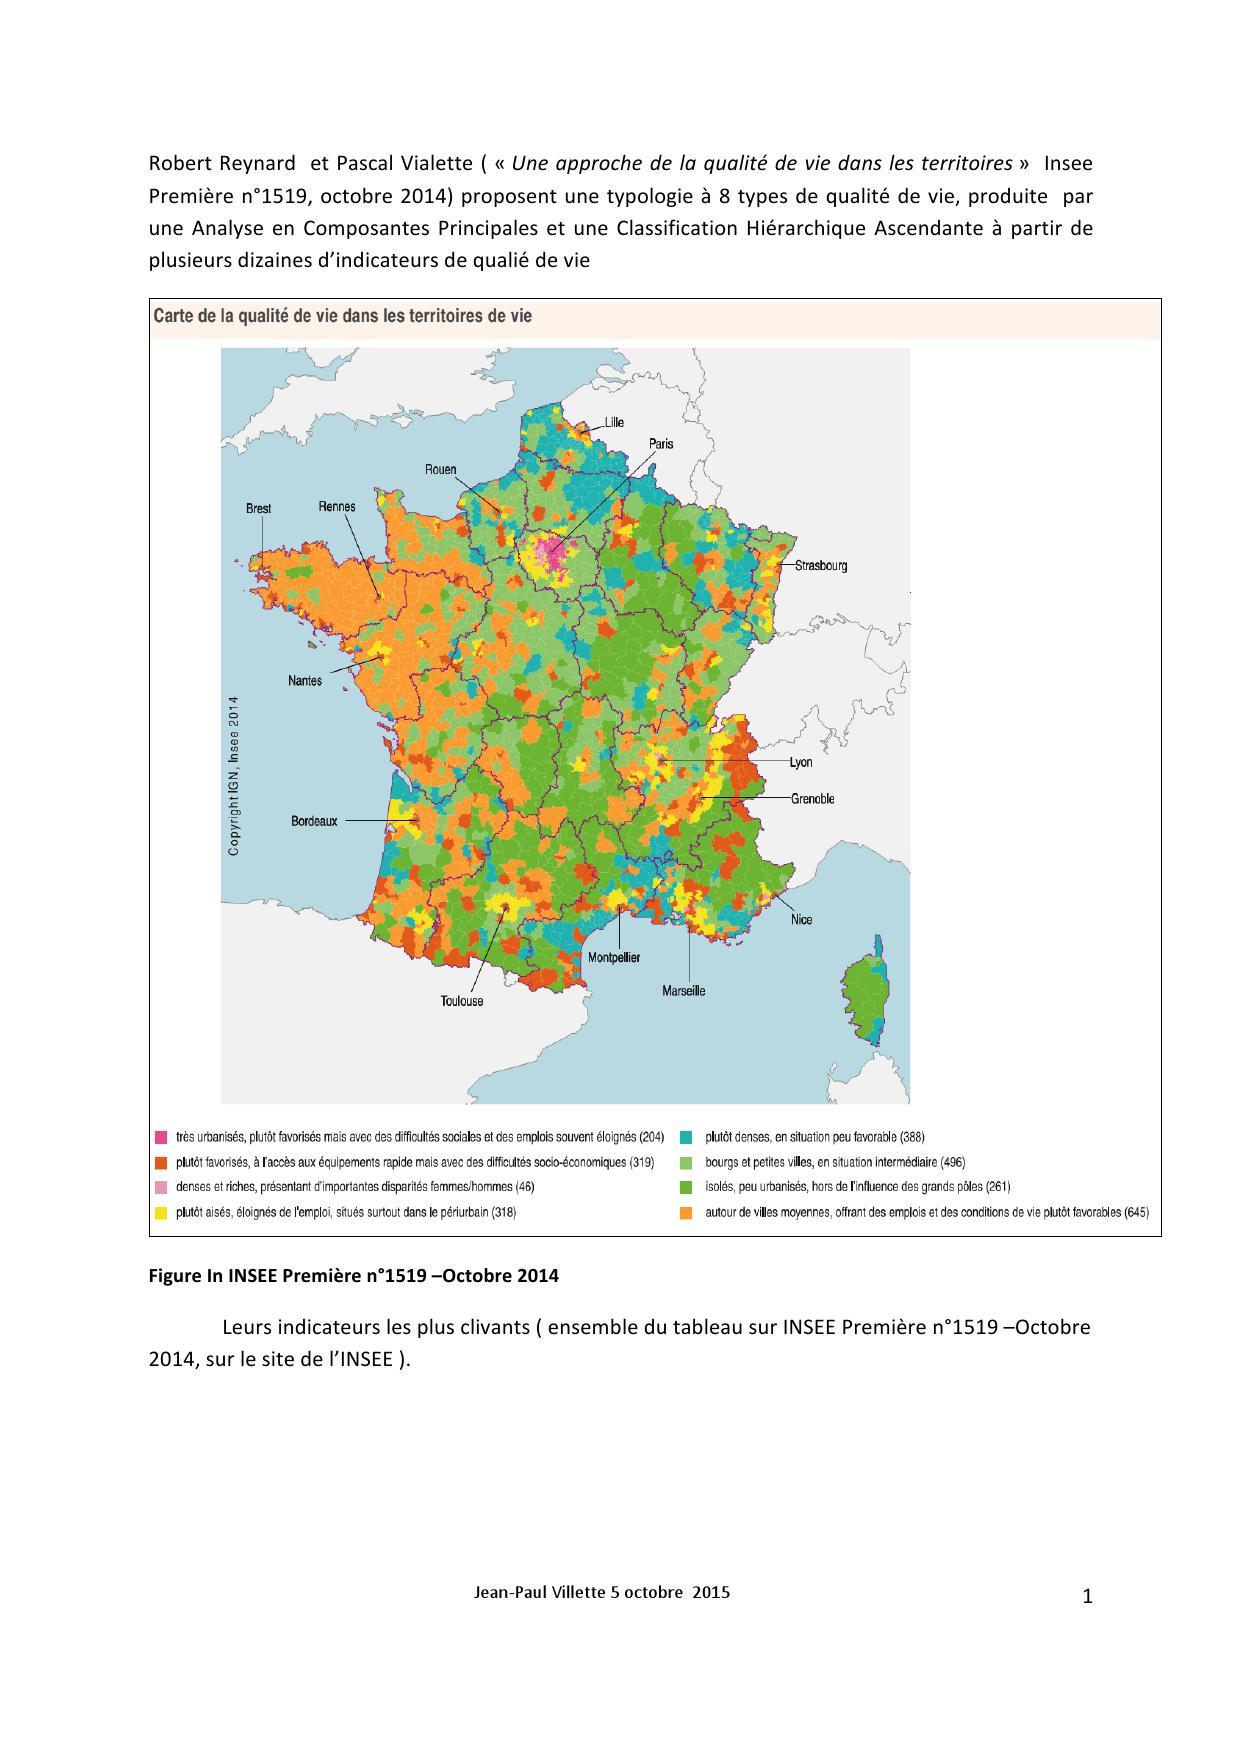 qualité de vie des territoires Jean-Paul Villette 4 octobre 2015_000001.jpg